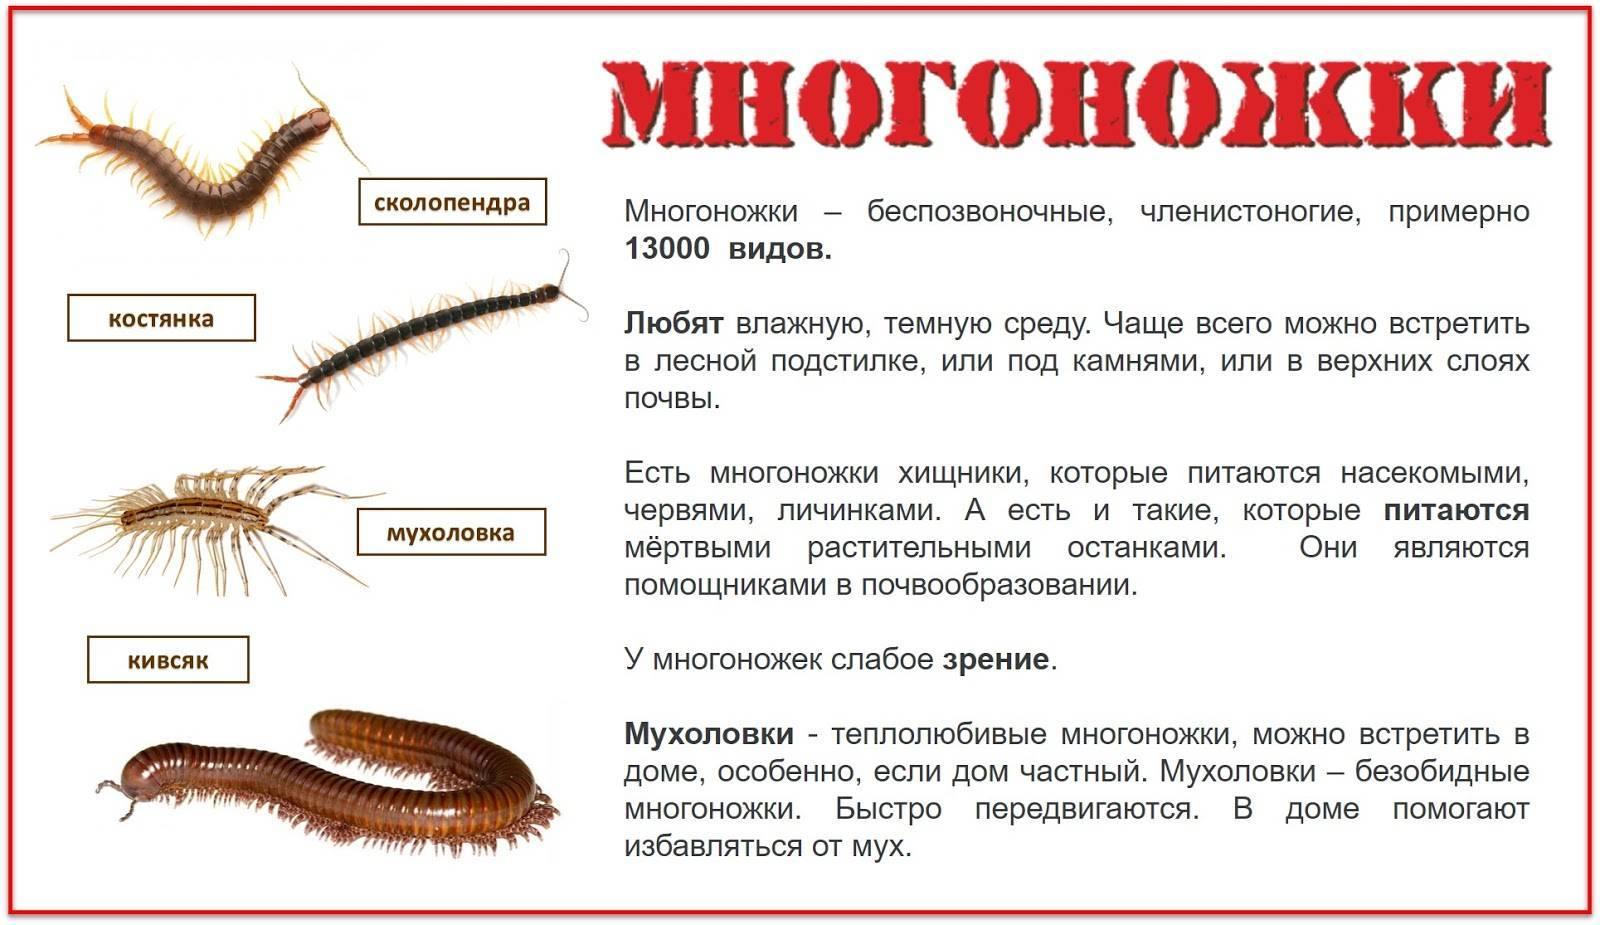 Сколопендра многоножка. описание, особенности, виды, образ жизни и среда обитания сколопендры